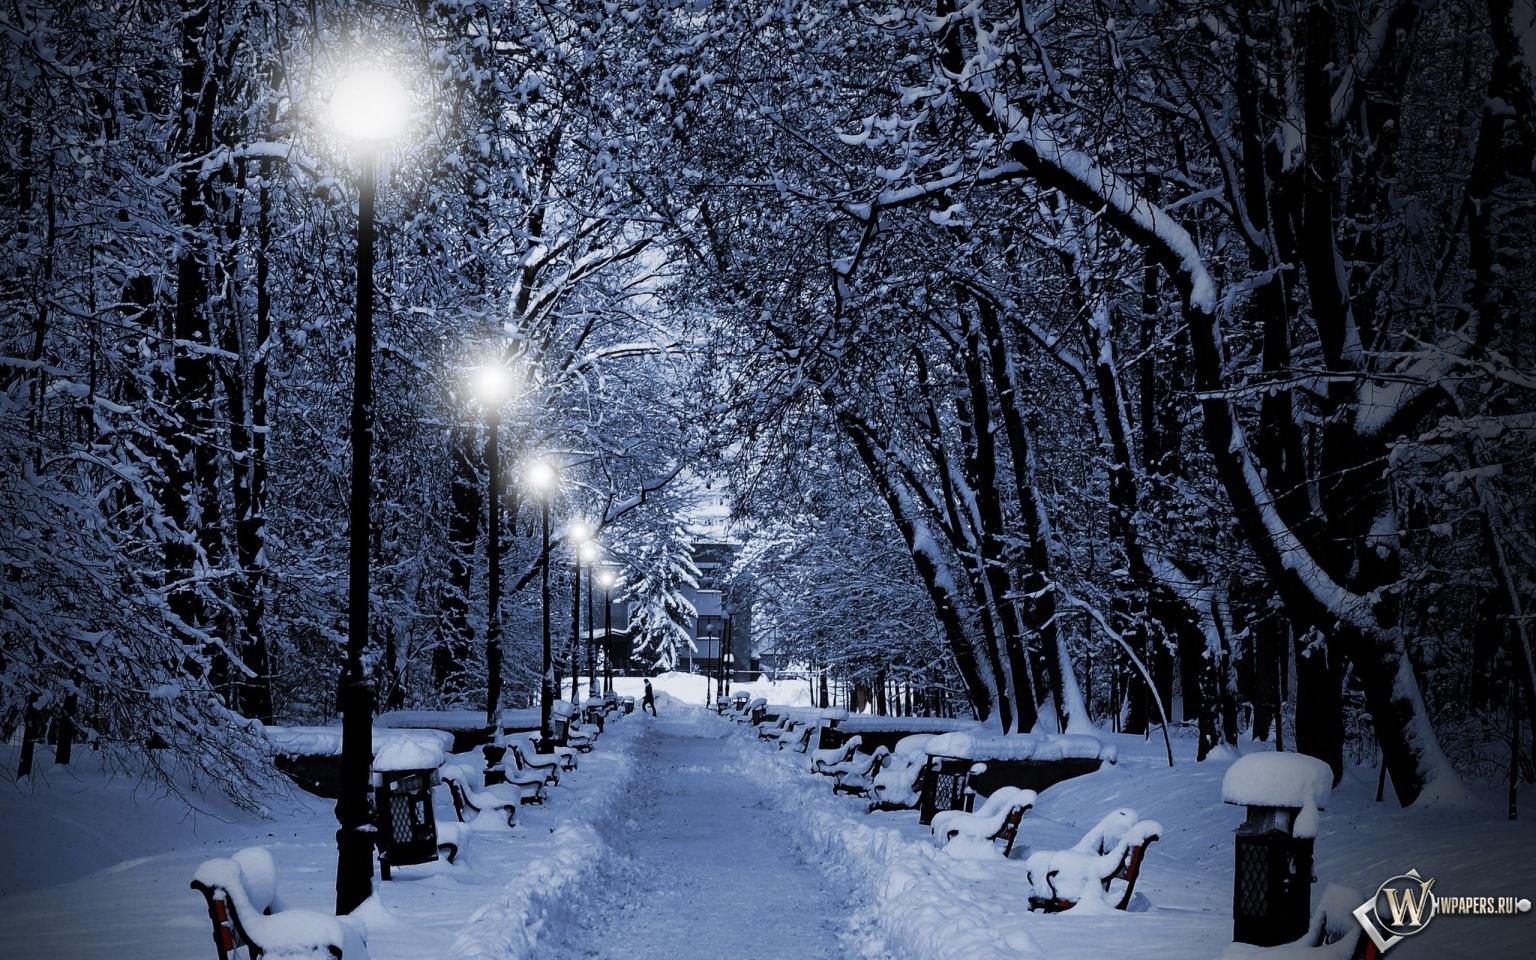 Аллея зимой 1536x960